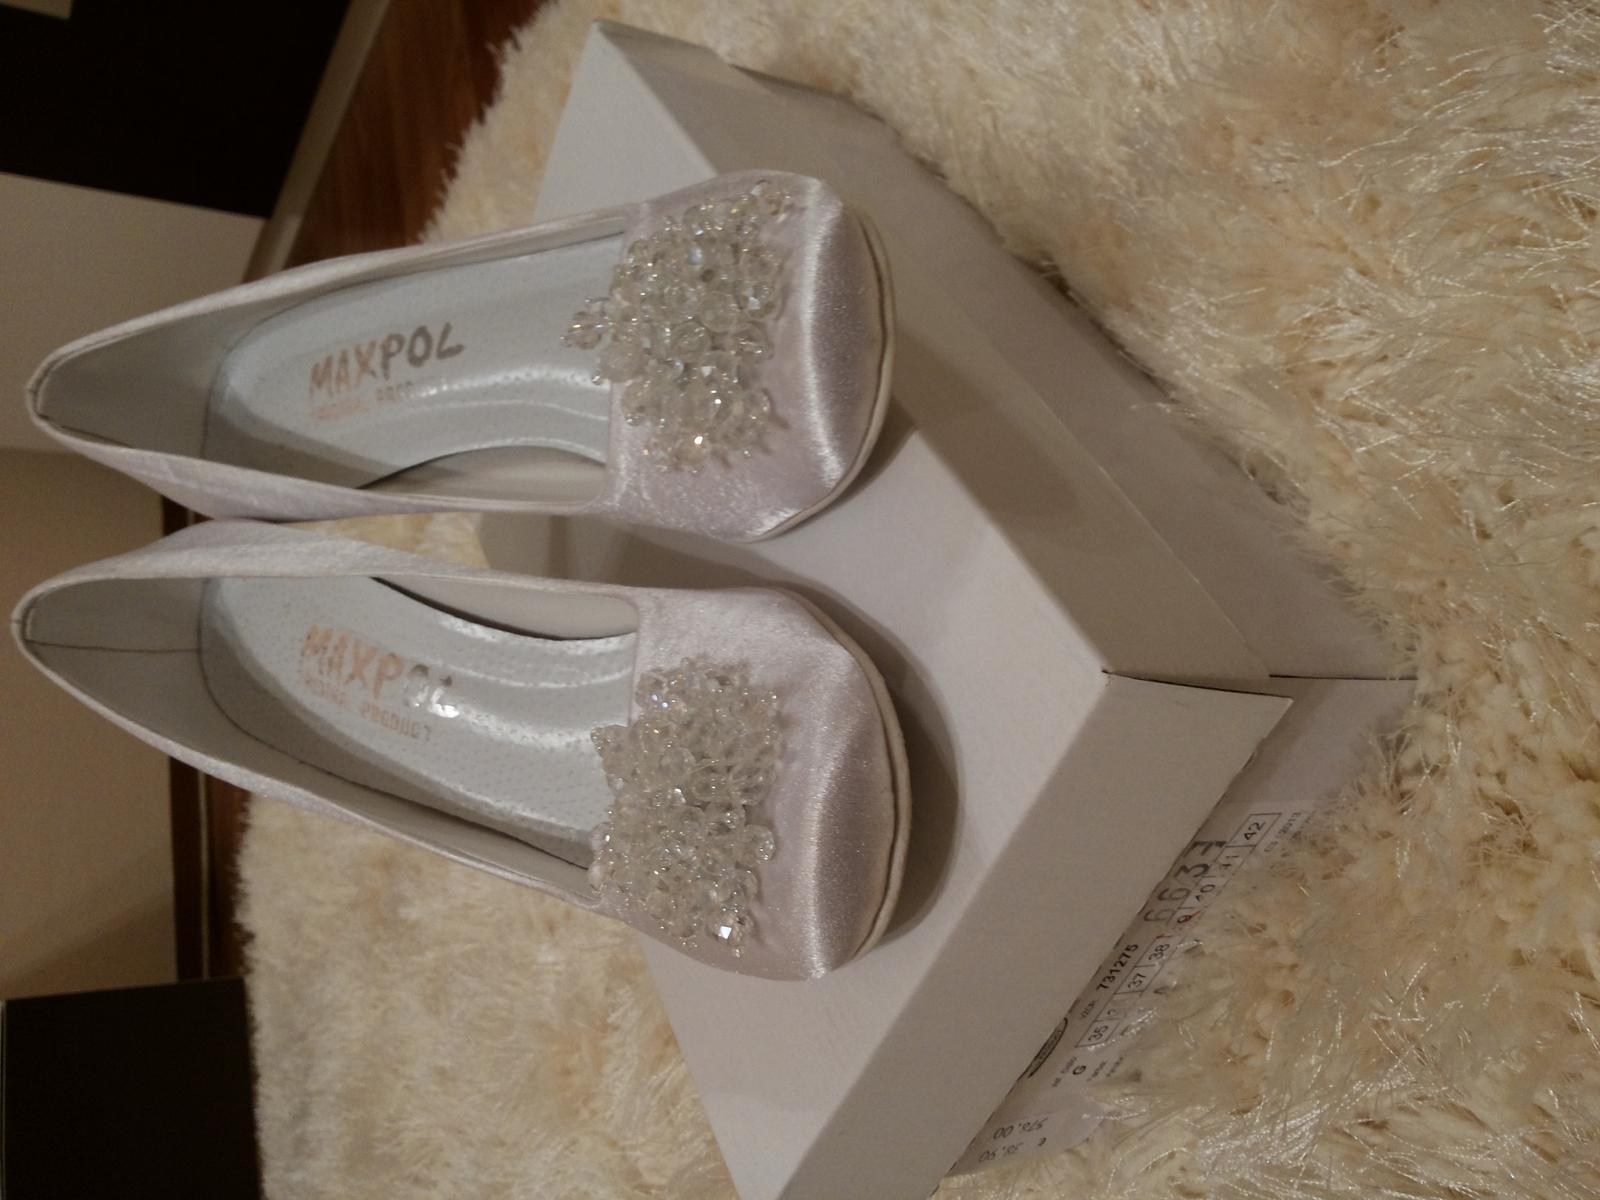 2e2f5e69b7de1 Zaujímavé svadobné topánky, 39 - 10 € | Svadobný bazár | Mojasvadba.sk